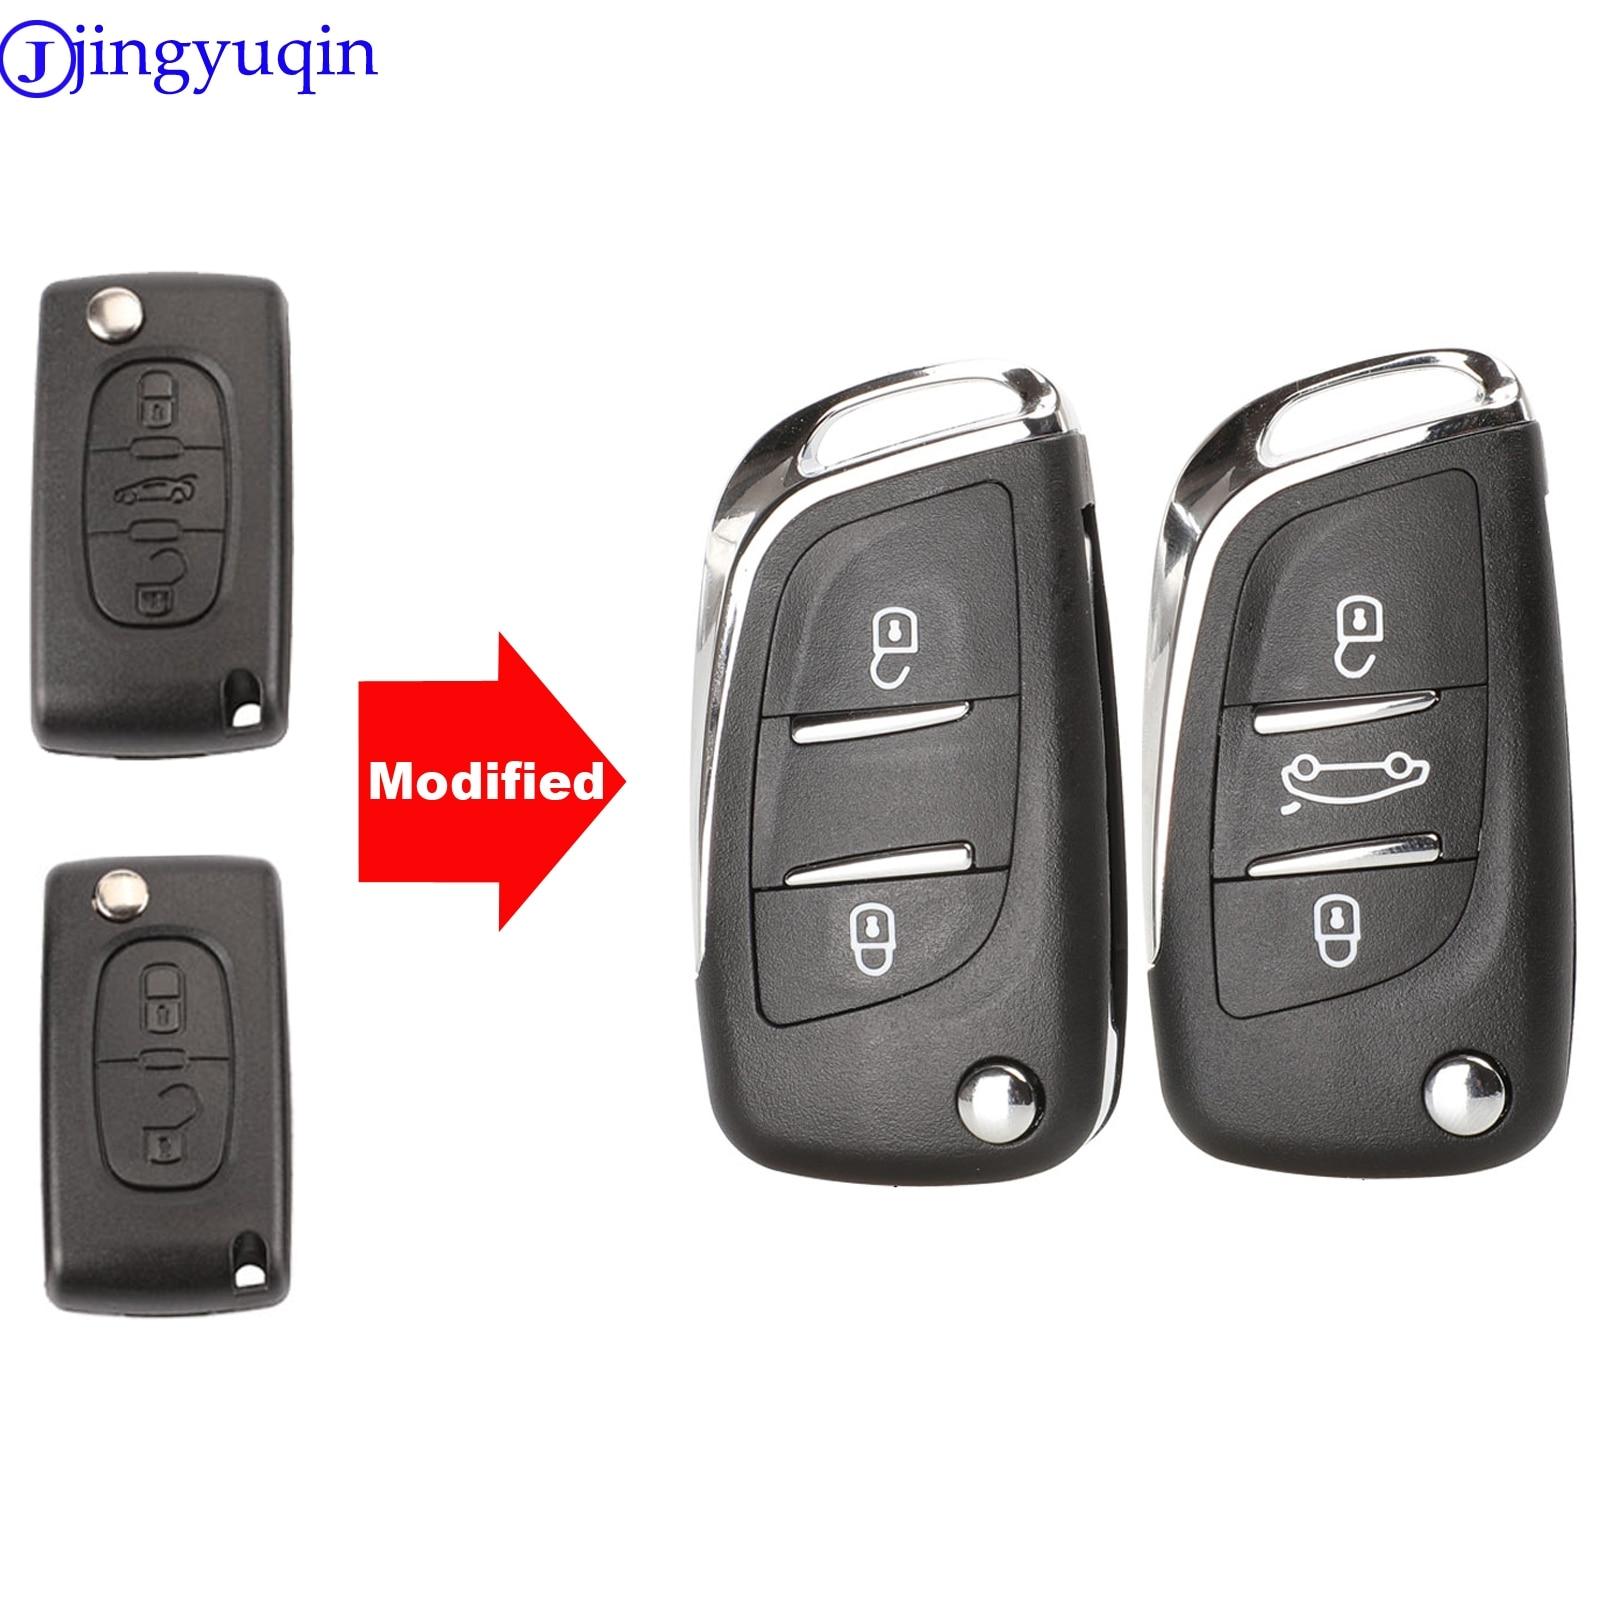 Jingyuqin CE0523 модифицированный раскладной чехол для ключей Peugeot 306 407 807 Partner Remote VA2/HU83 Blade Entry Fob Case 2/3 кнопка